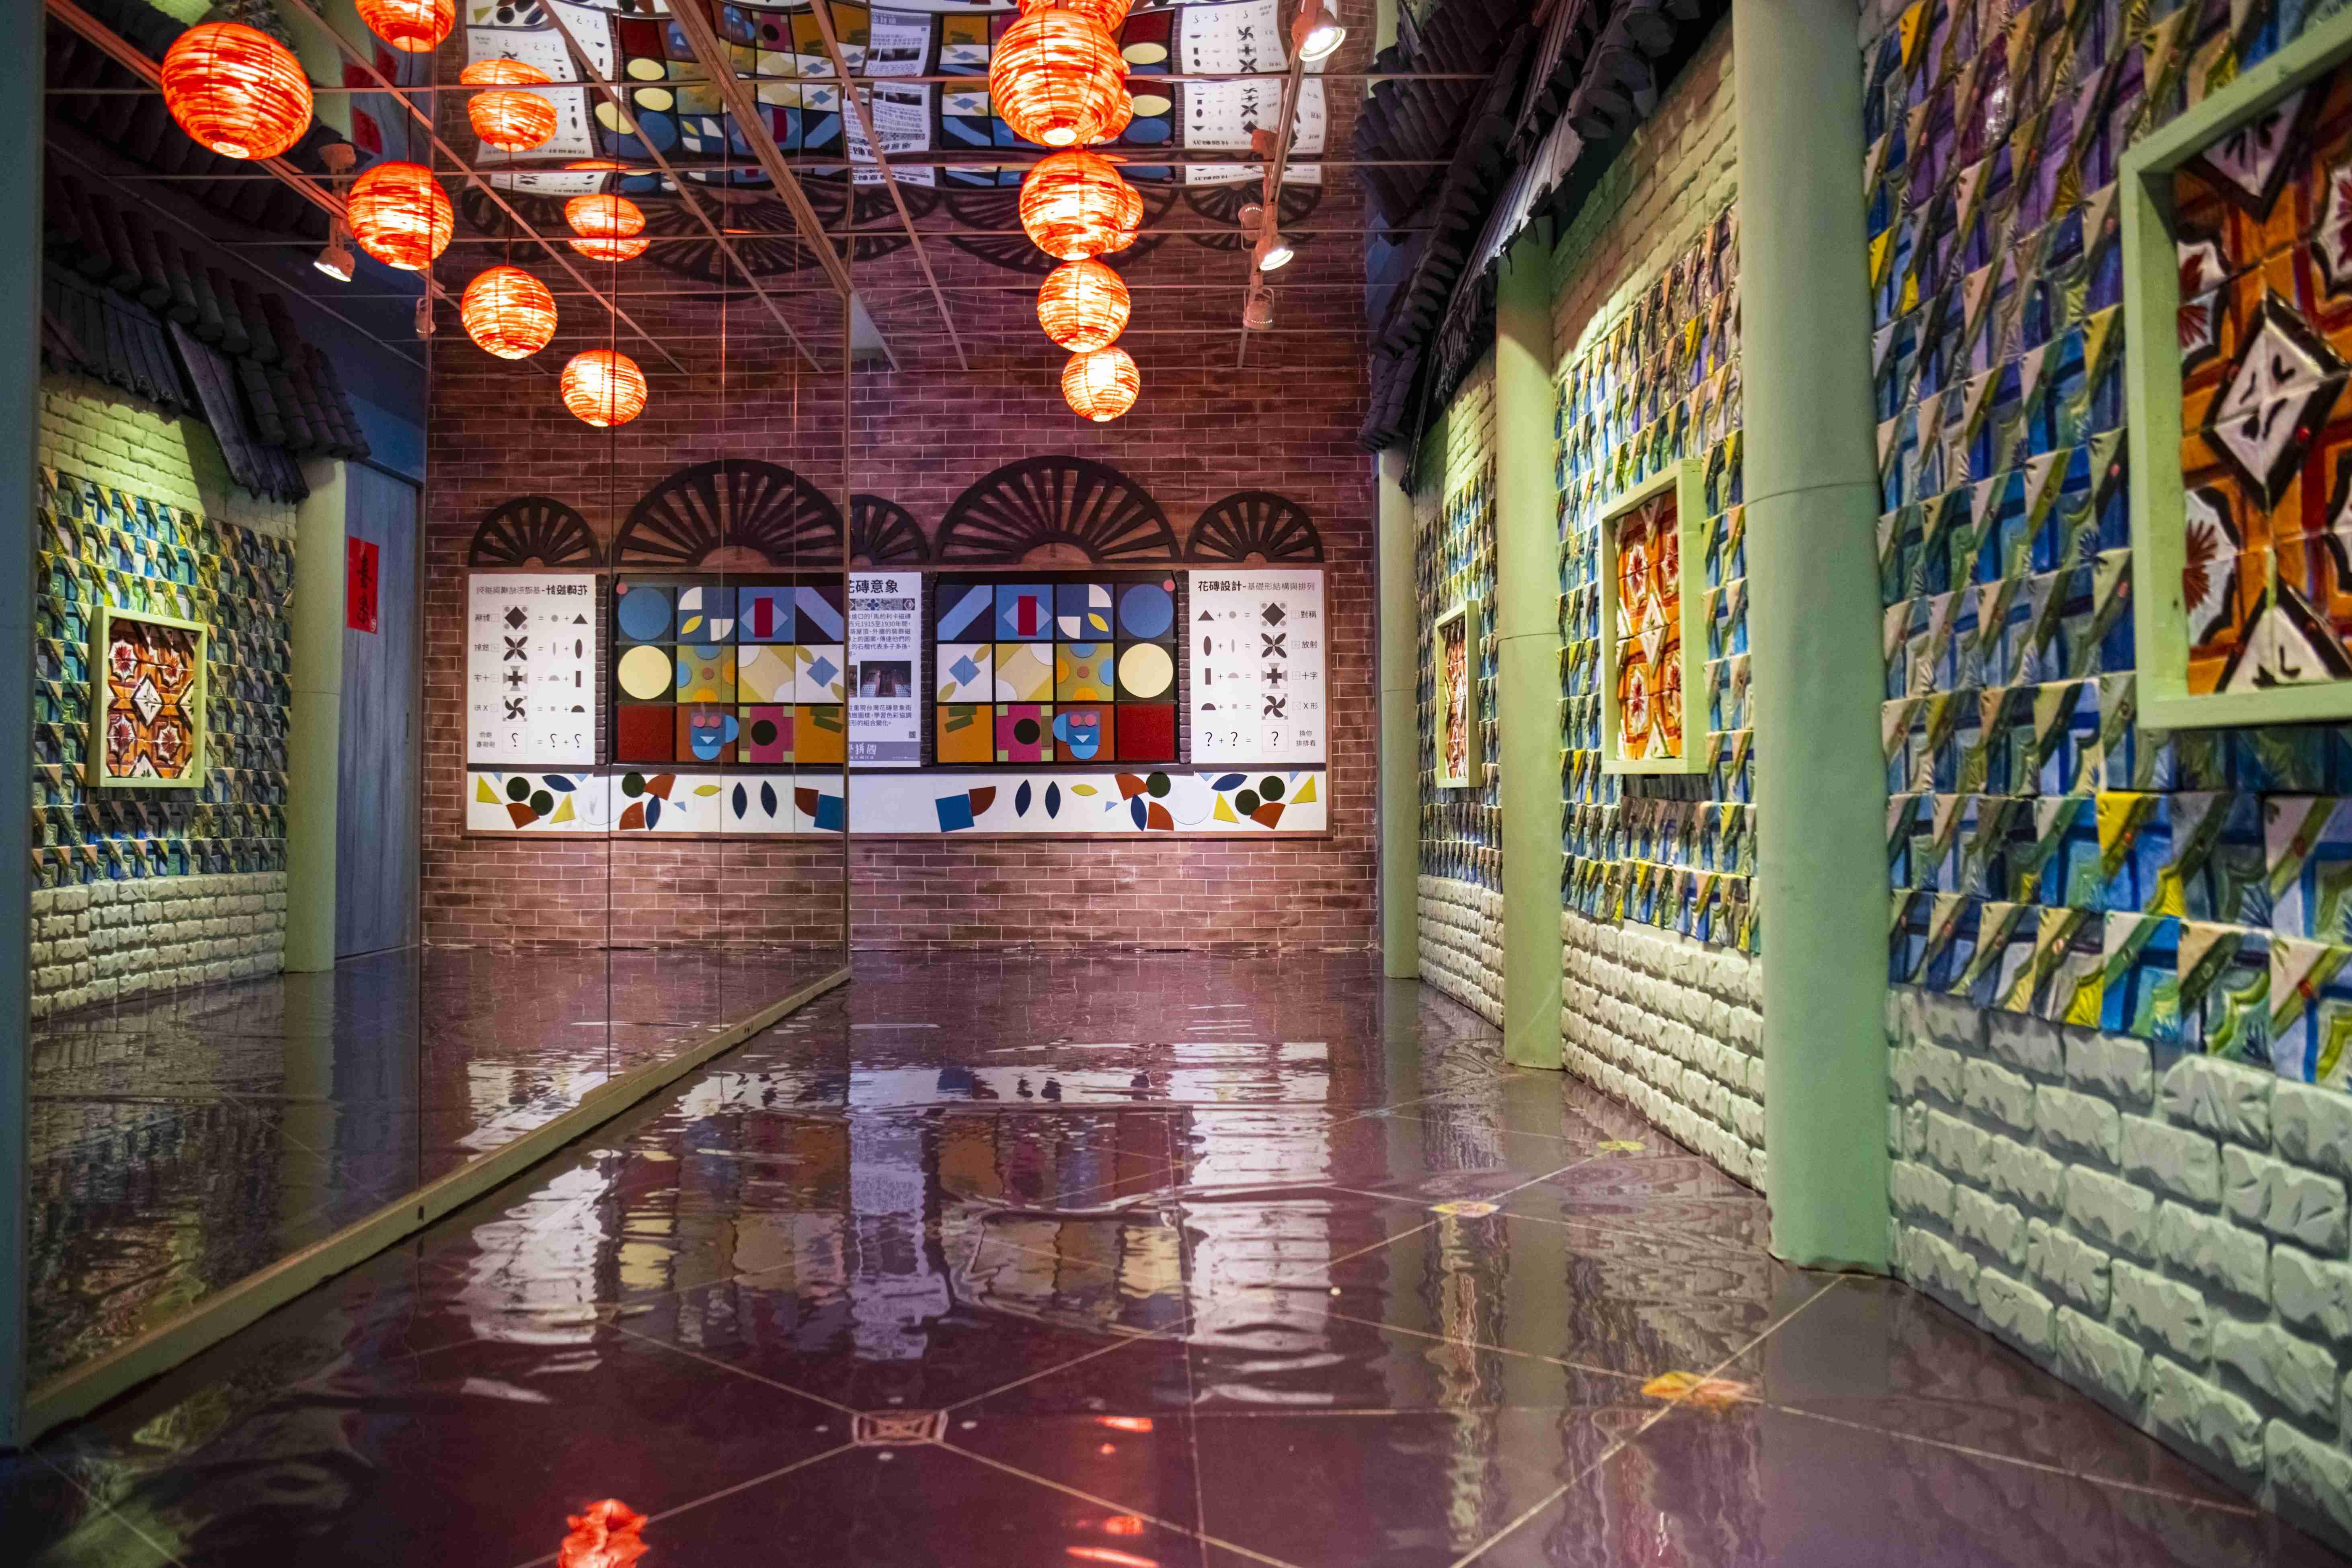 圖說/位於艋舺龍山文創基地的美學拼圖展覽空間